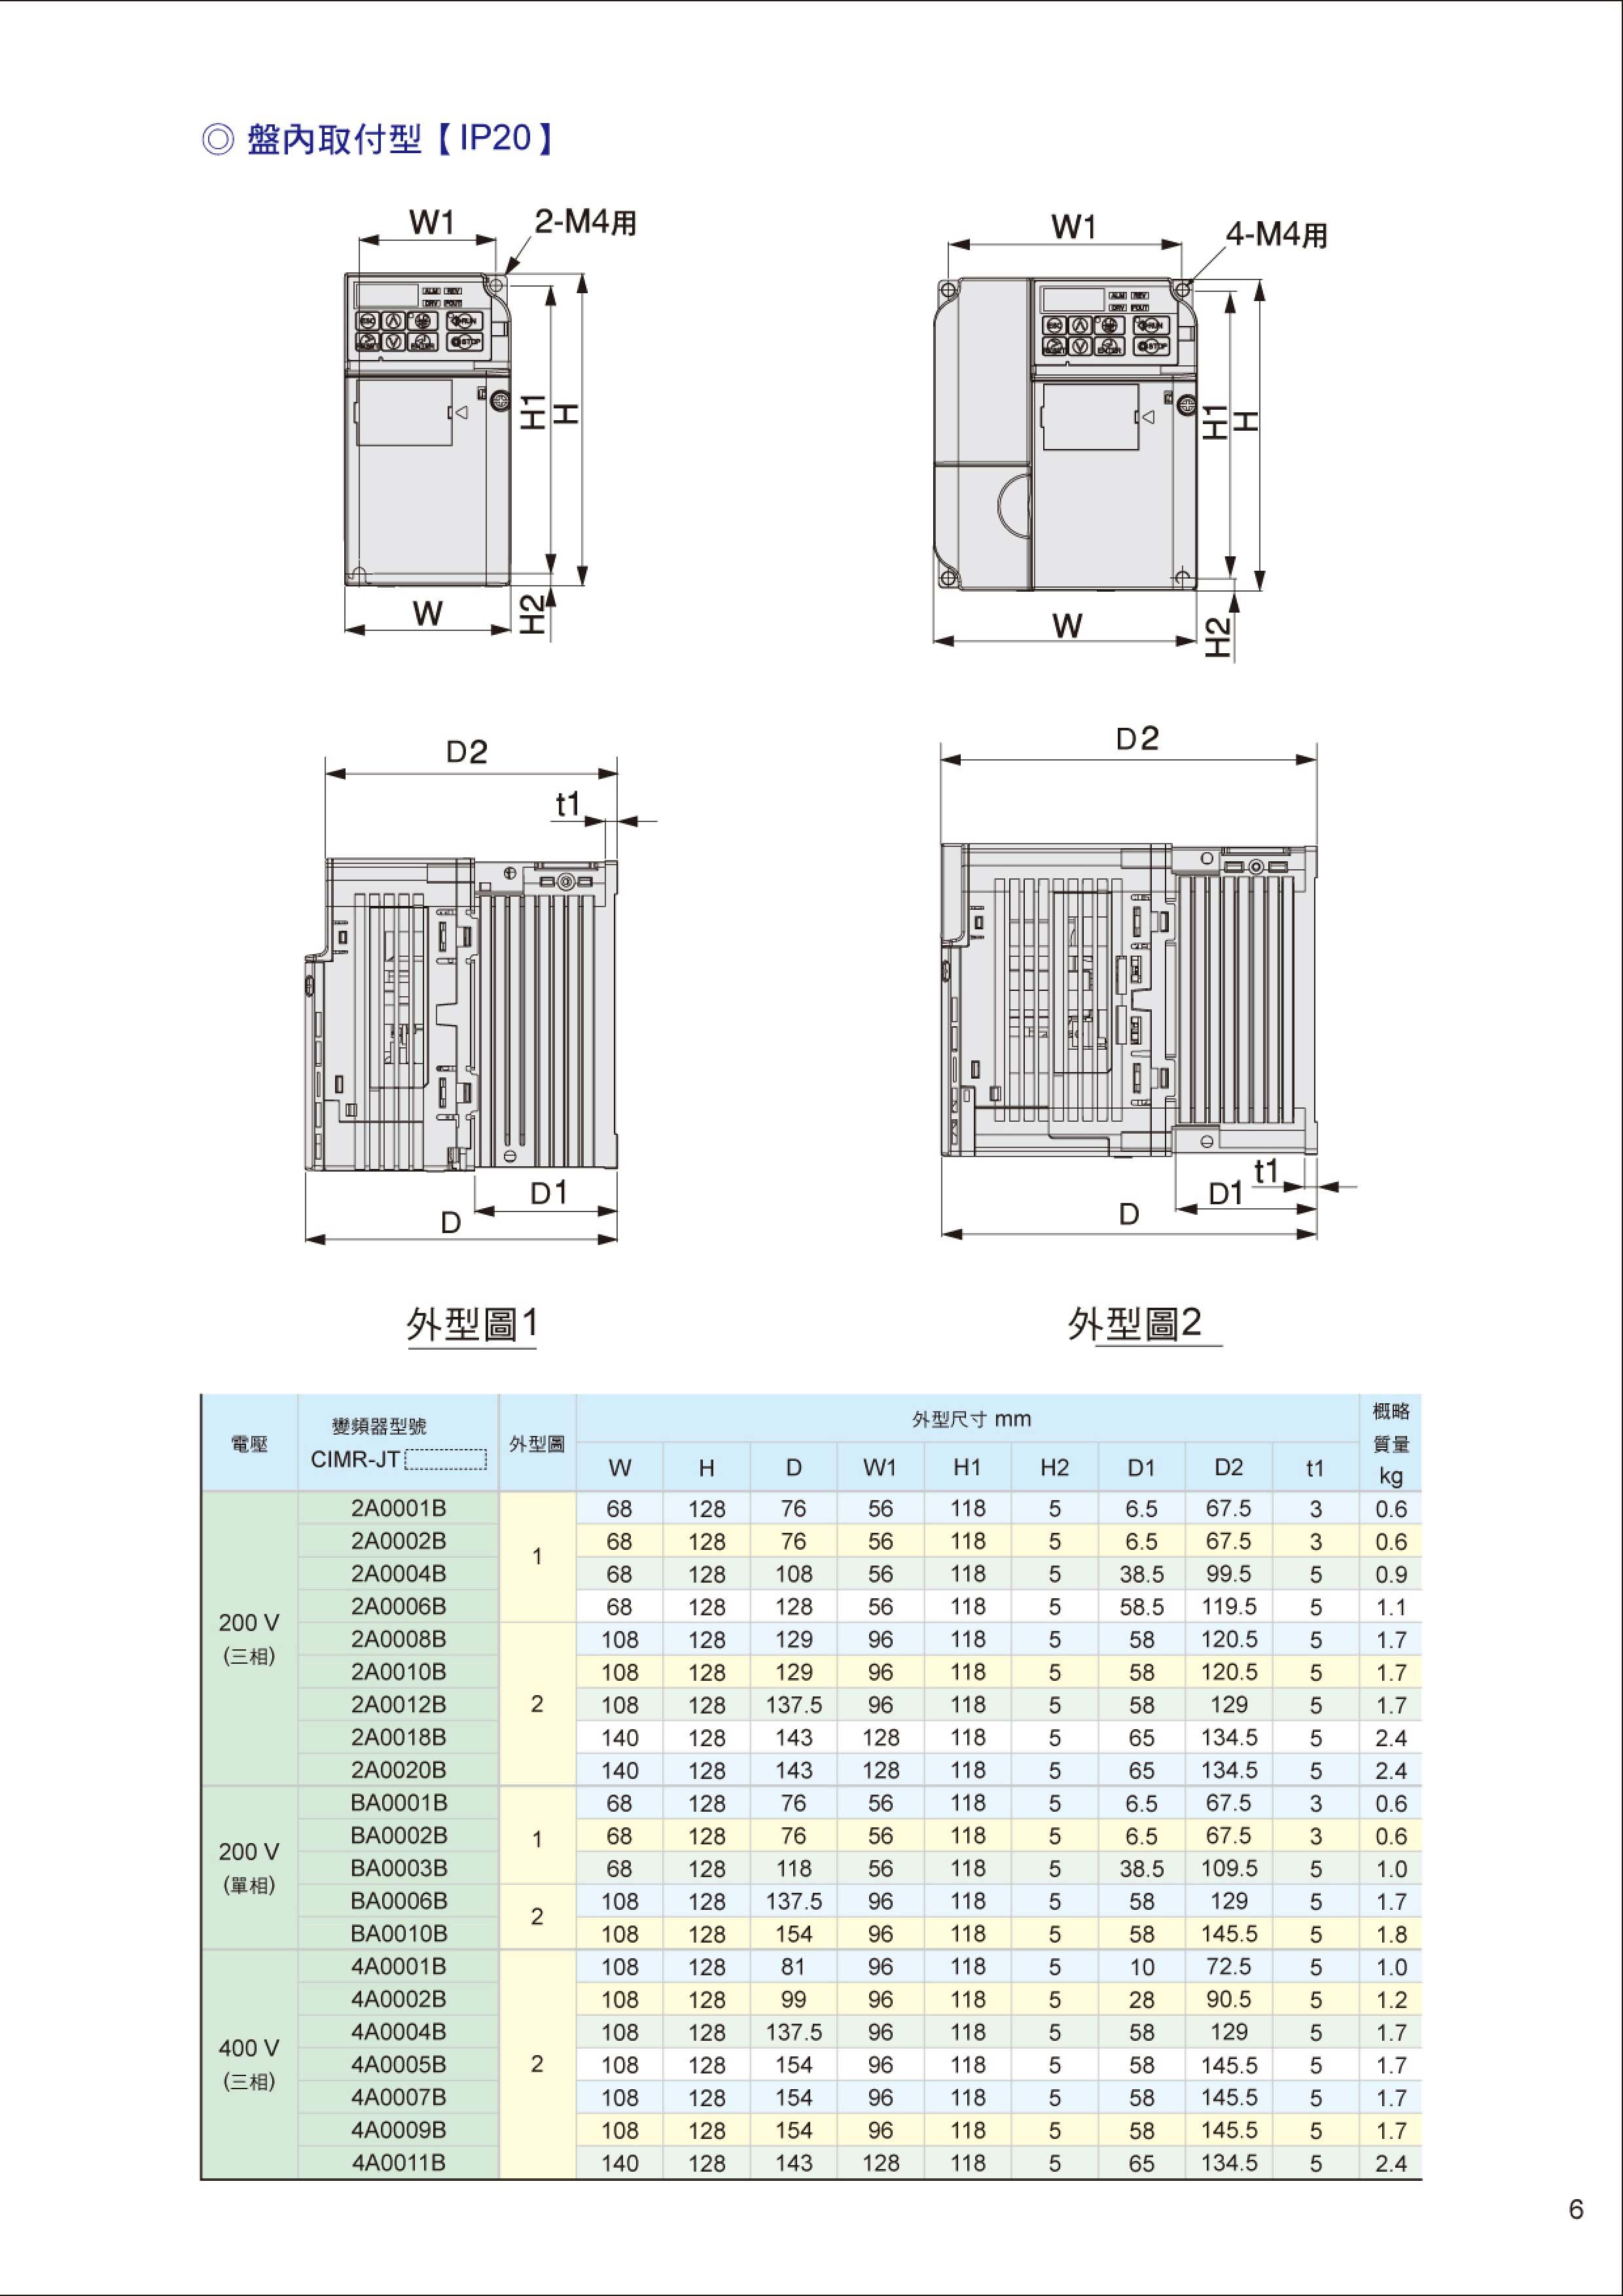 安川變頻器型錄-2012-07-7